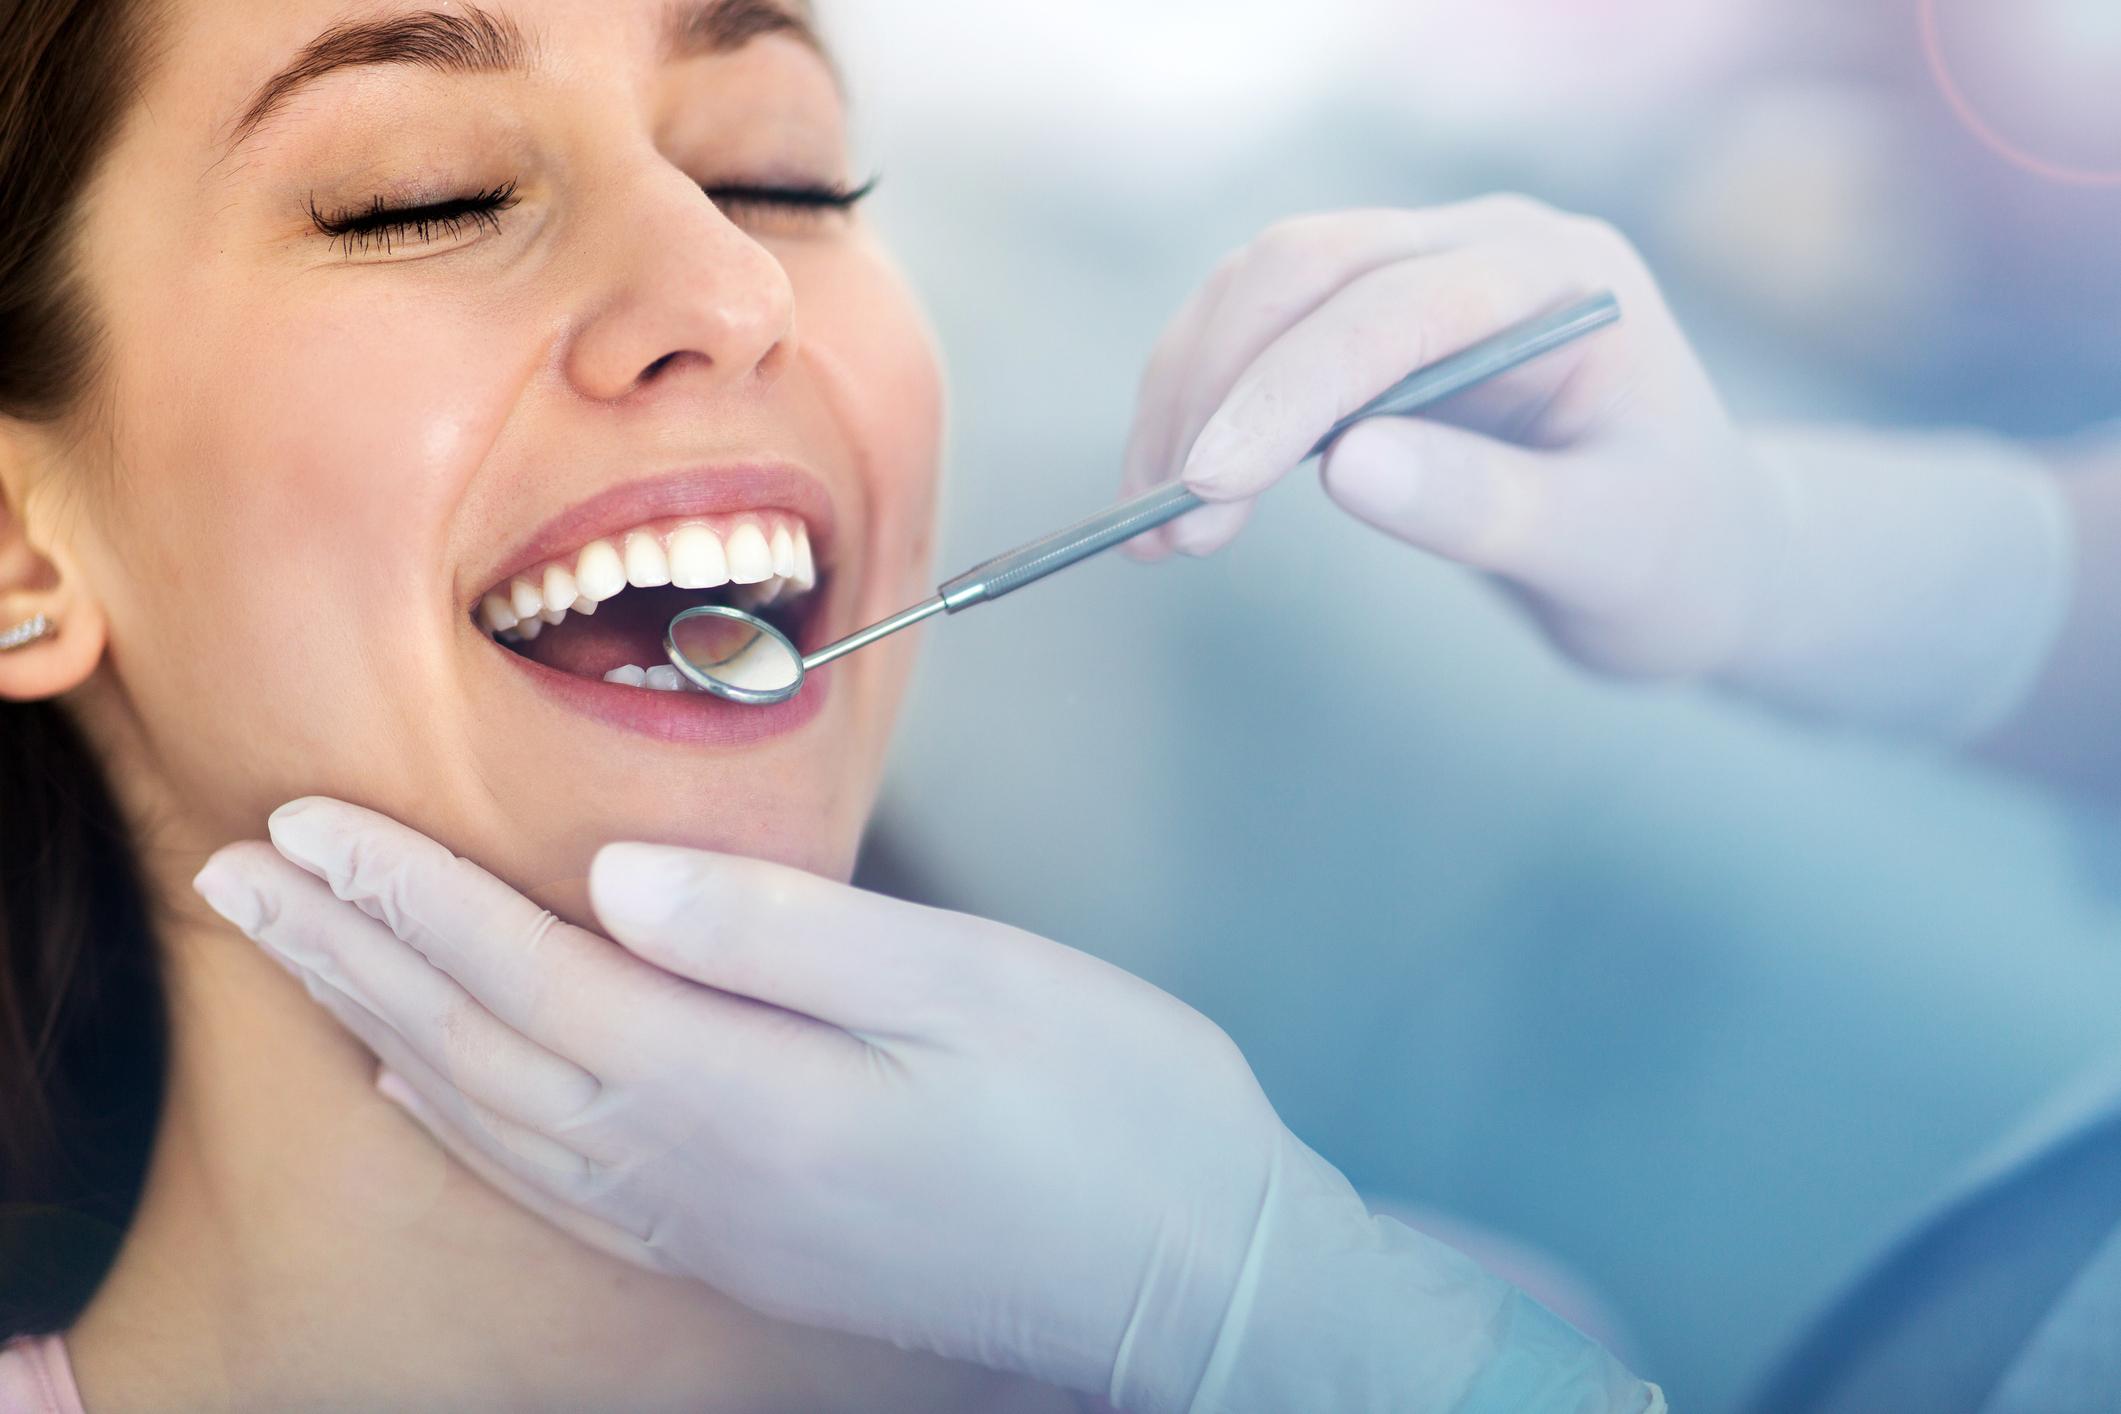 Durante a gestação, os dentes e gengivas da mulher necessitam de cuidados especiais para manter uma saúde bucal adequada.